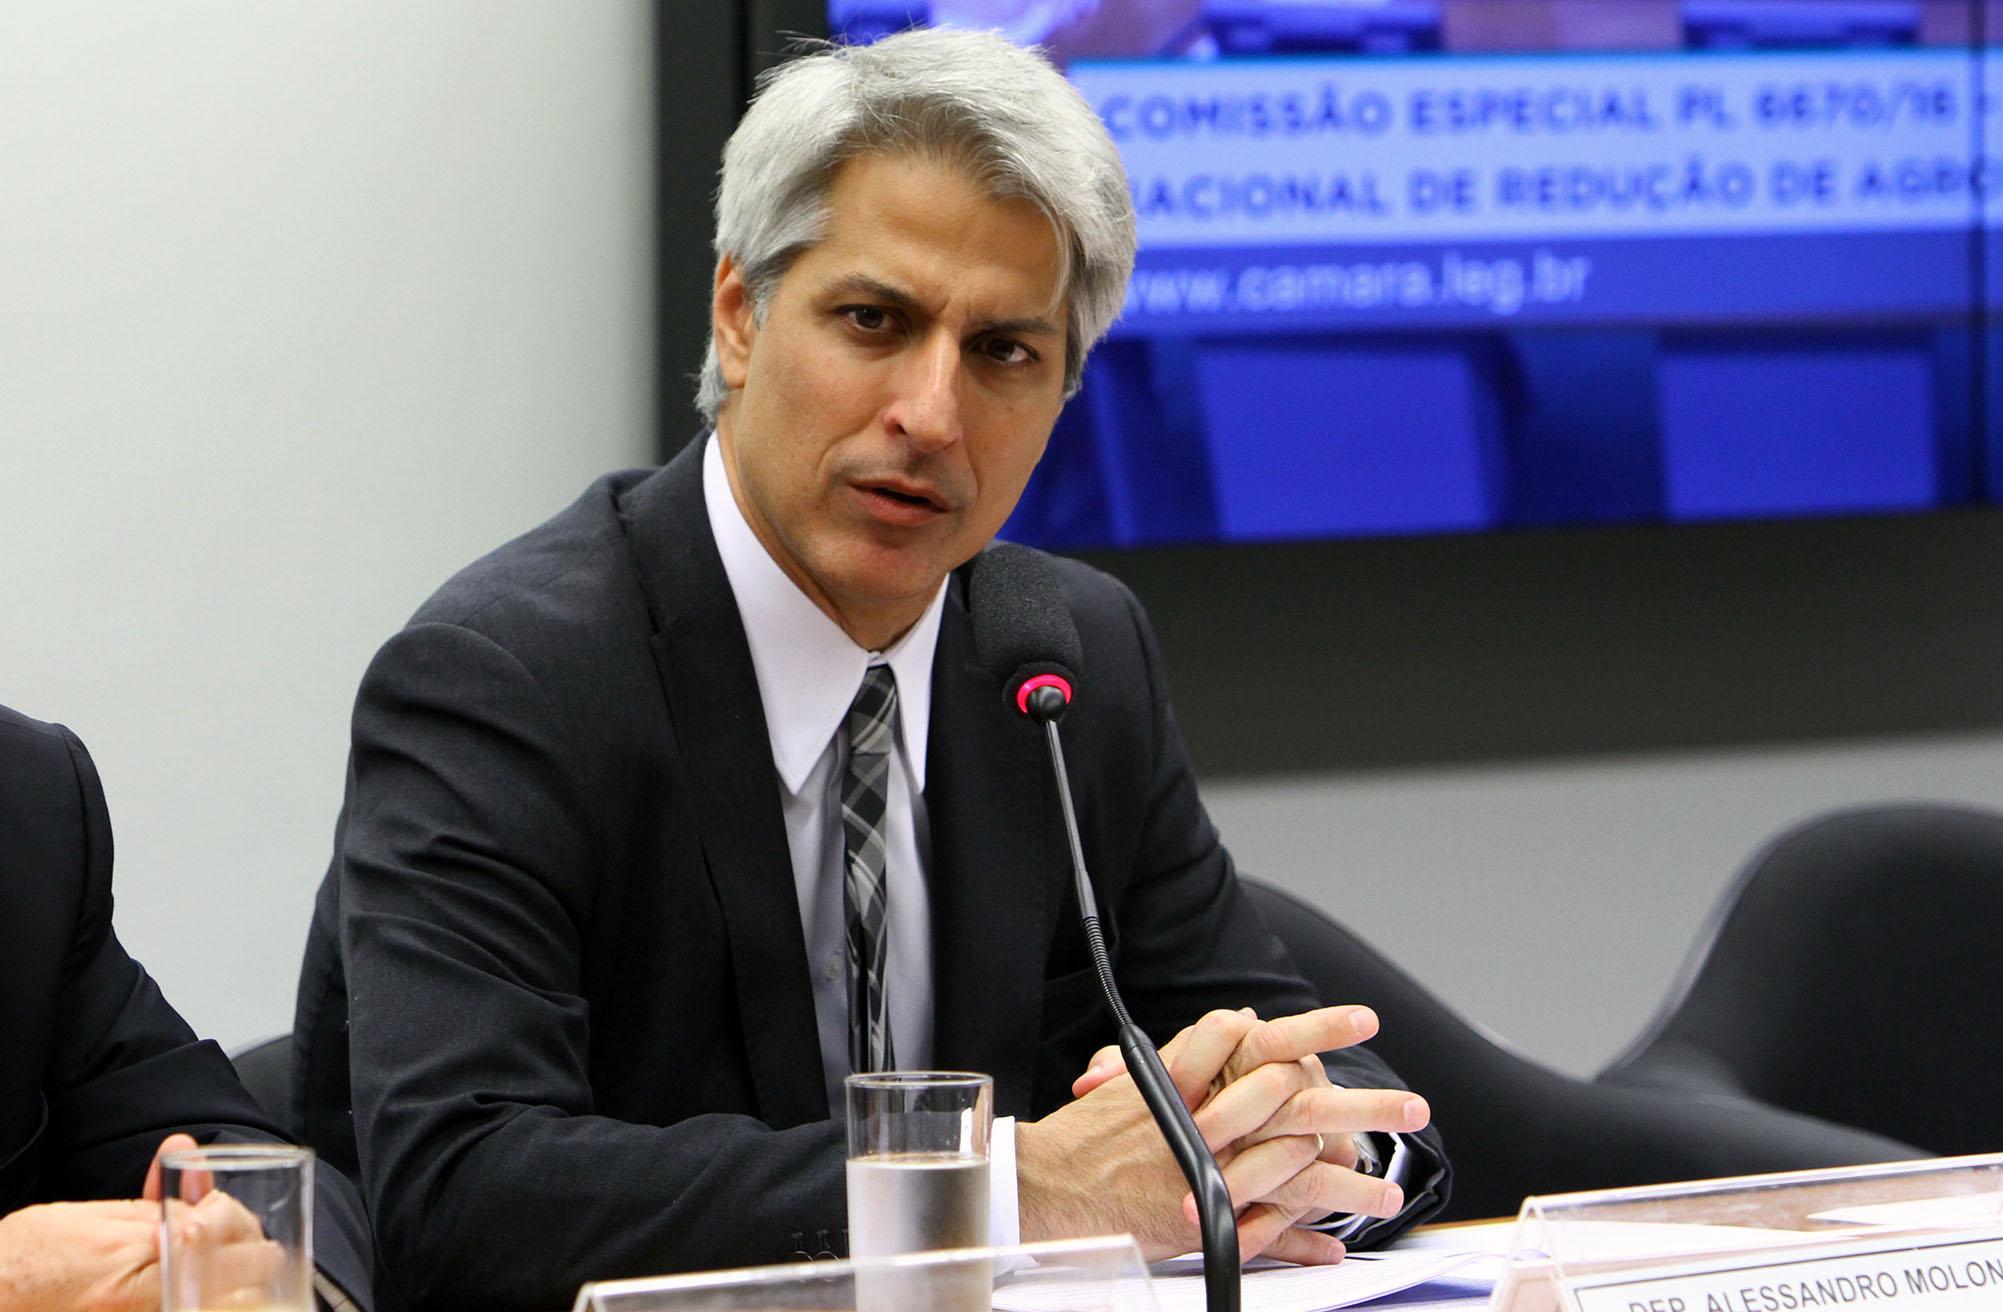 Audiência pública sobre a importância para o Brasil, de uma Política Nacional de Redução dos Agrotóxicos - PNARA. Dep. Alessandro Molon (PSB - RJ)